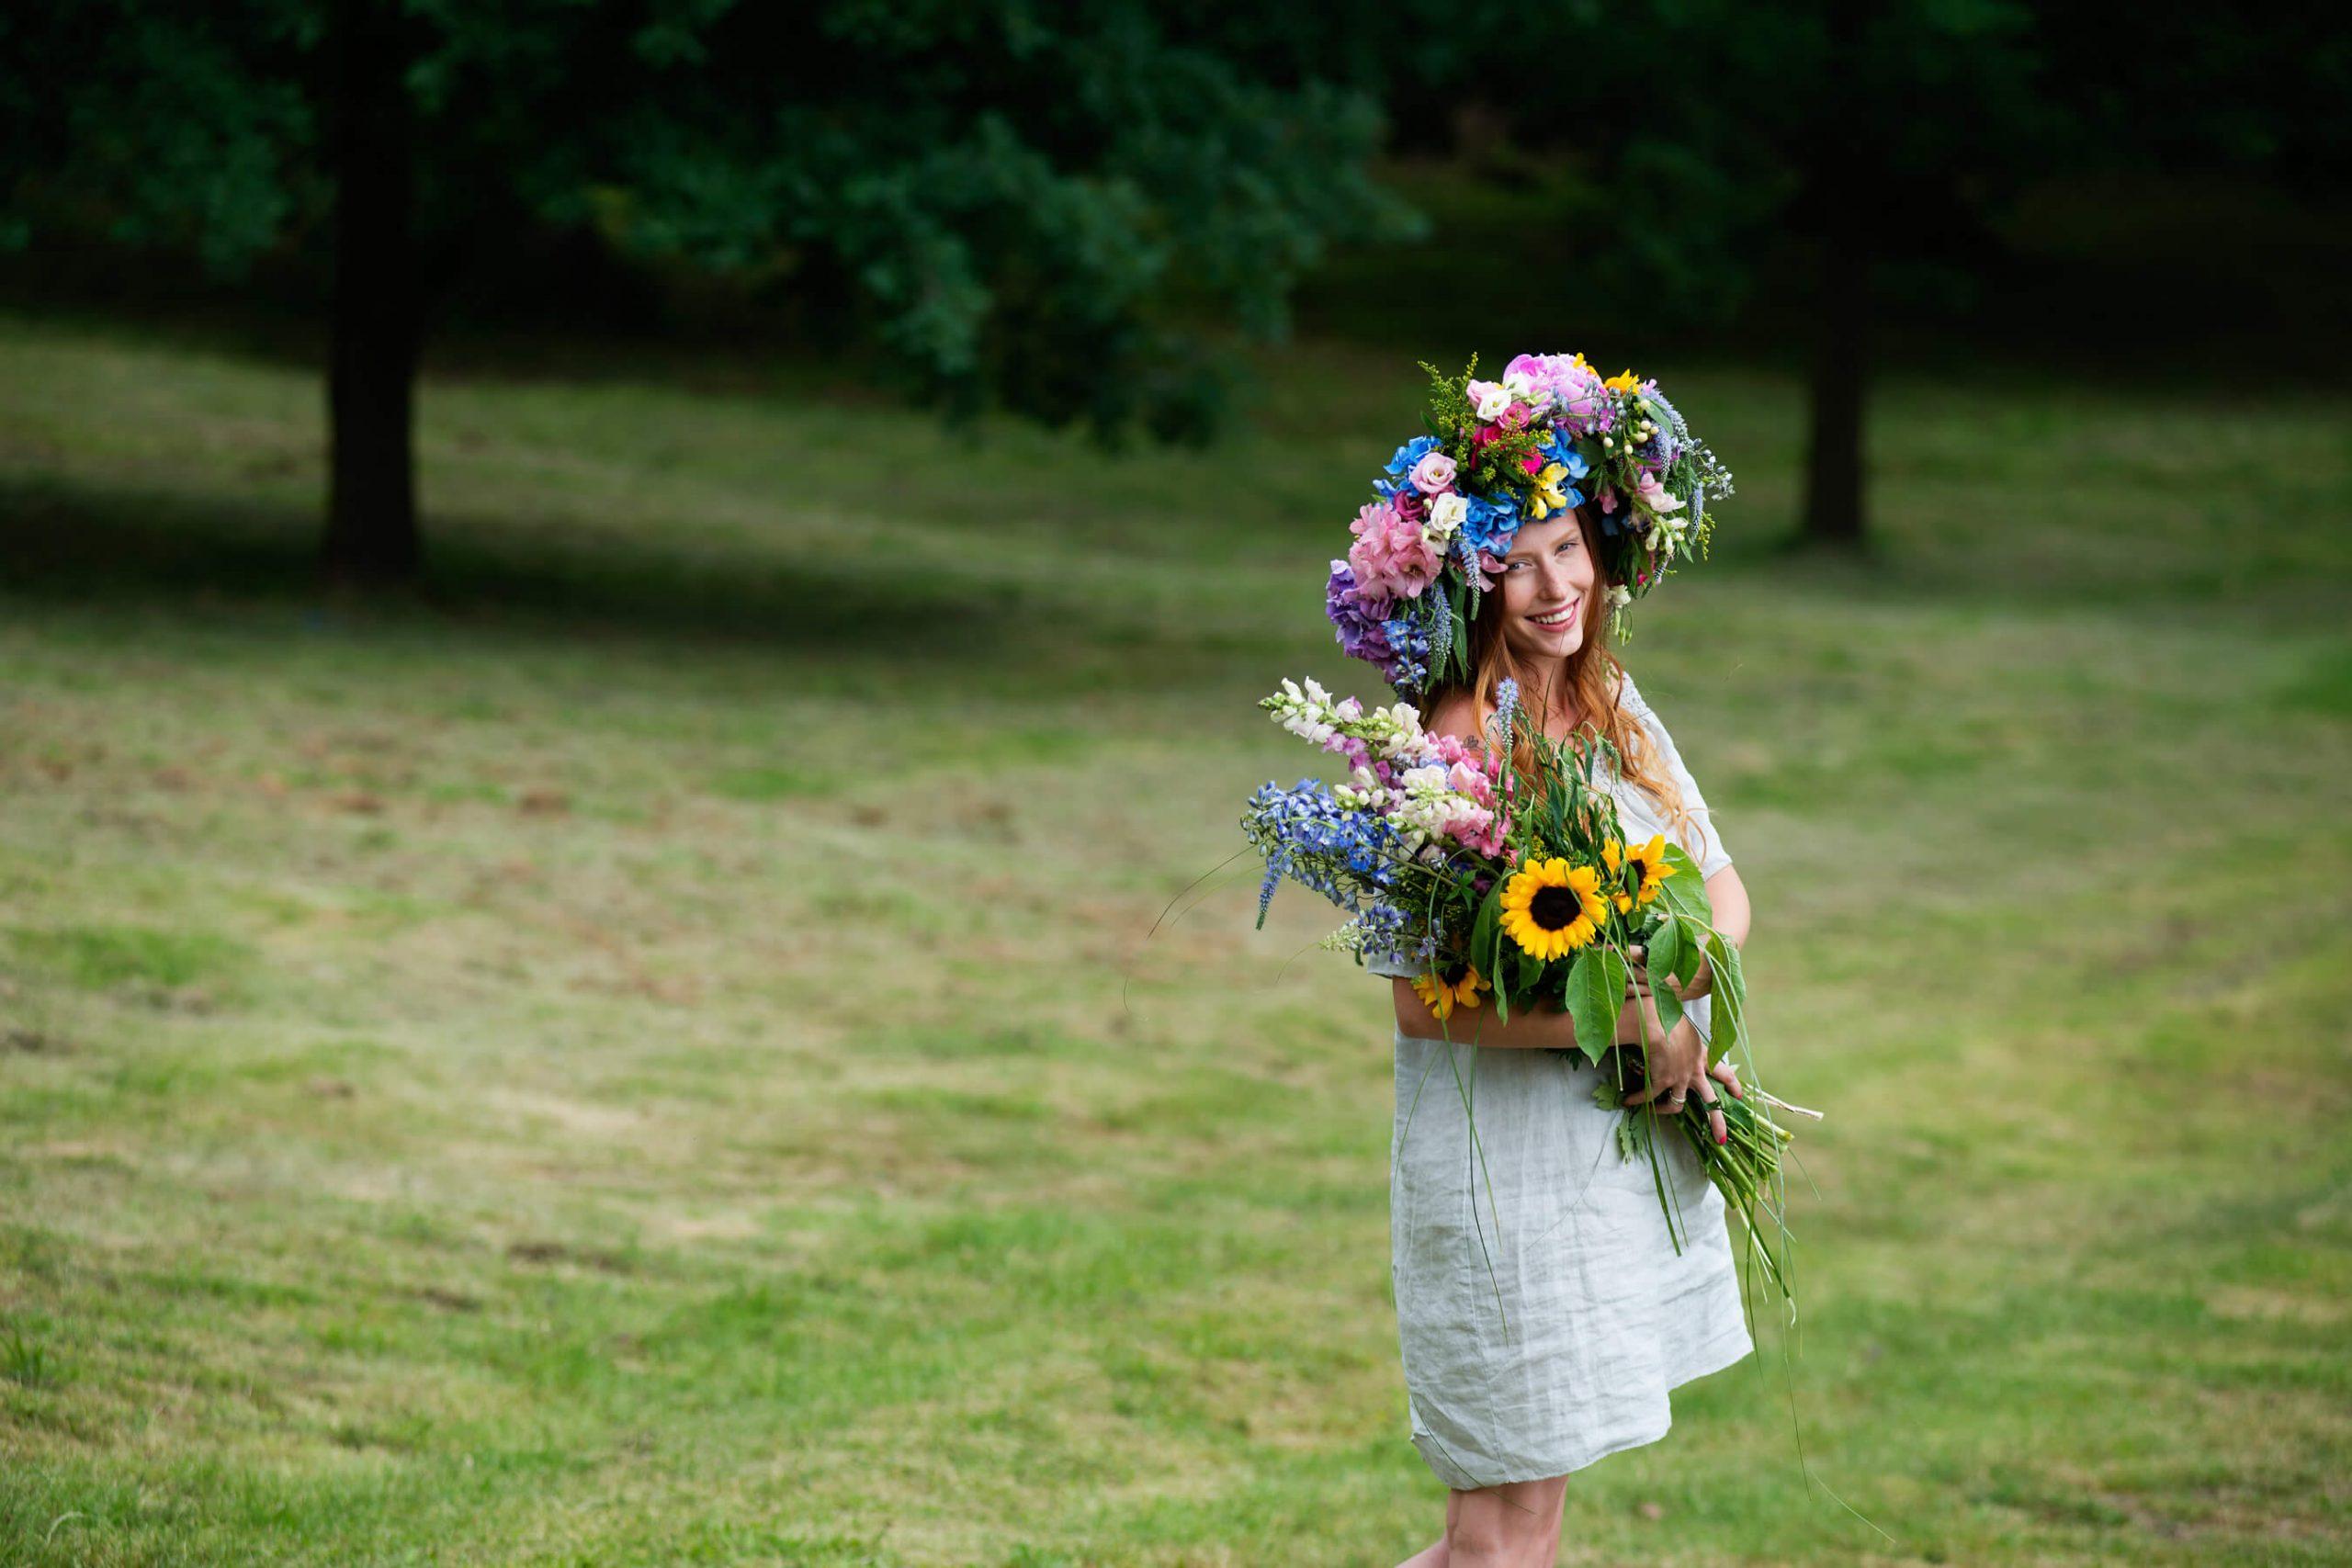 Resibo dziewczyna w wianku na łące z bukietem kwiatów pielęgnacja ciała latem